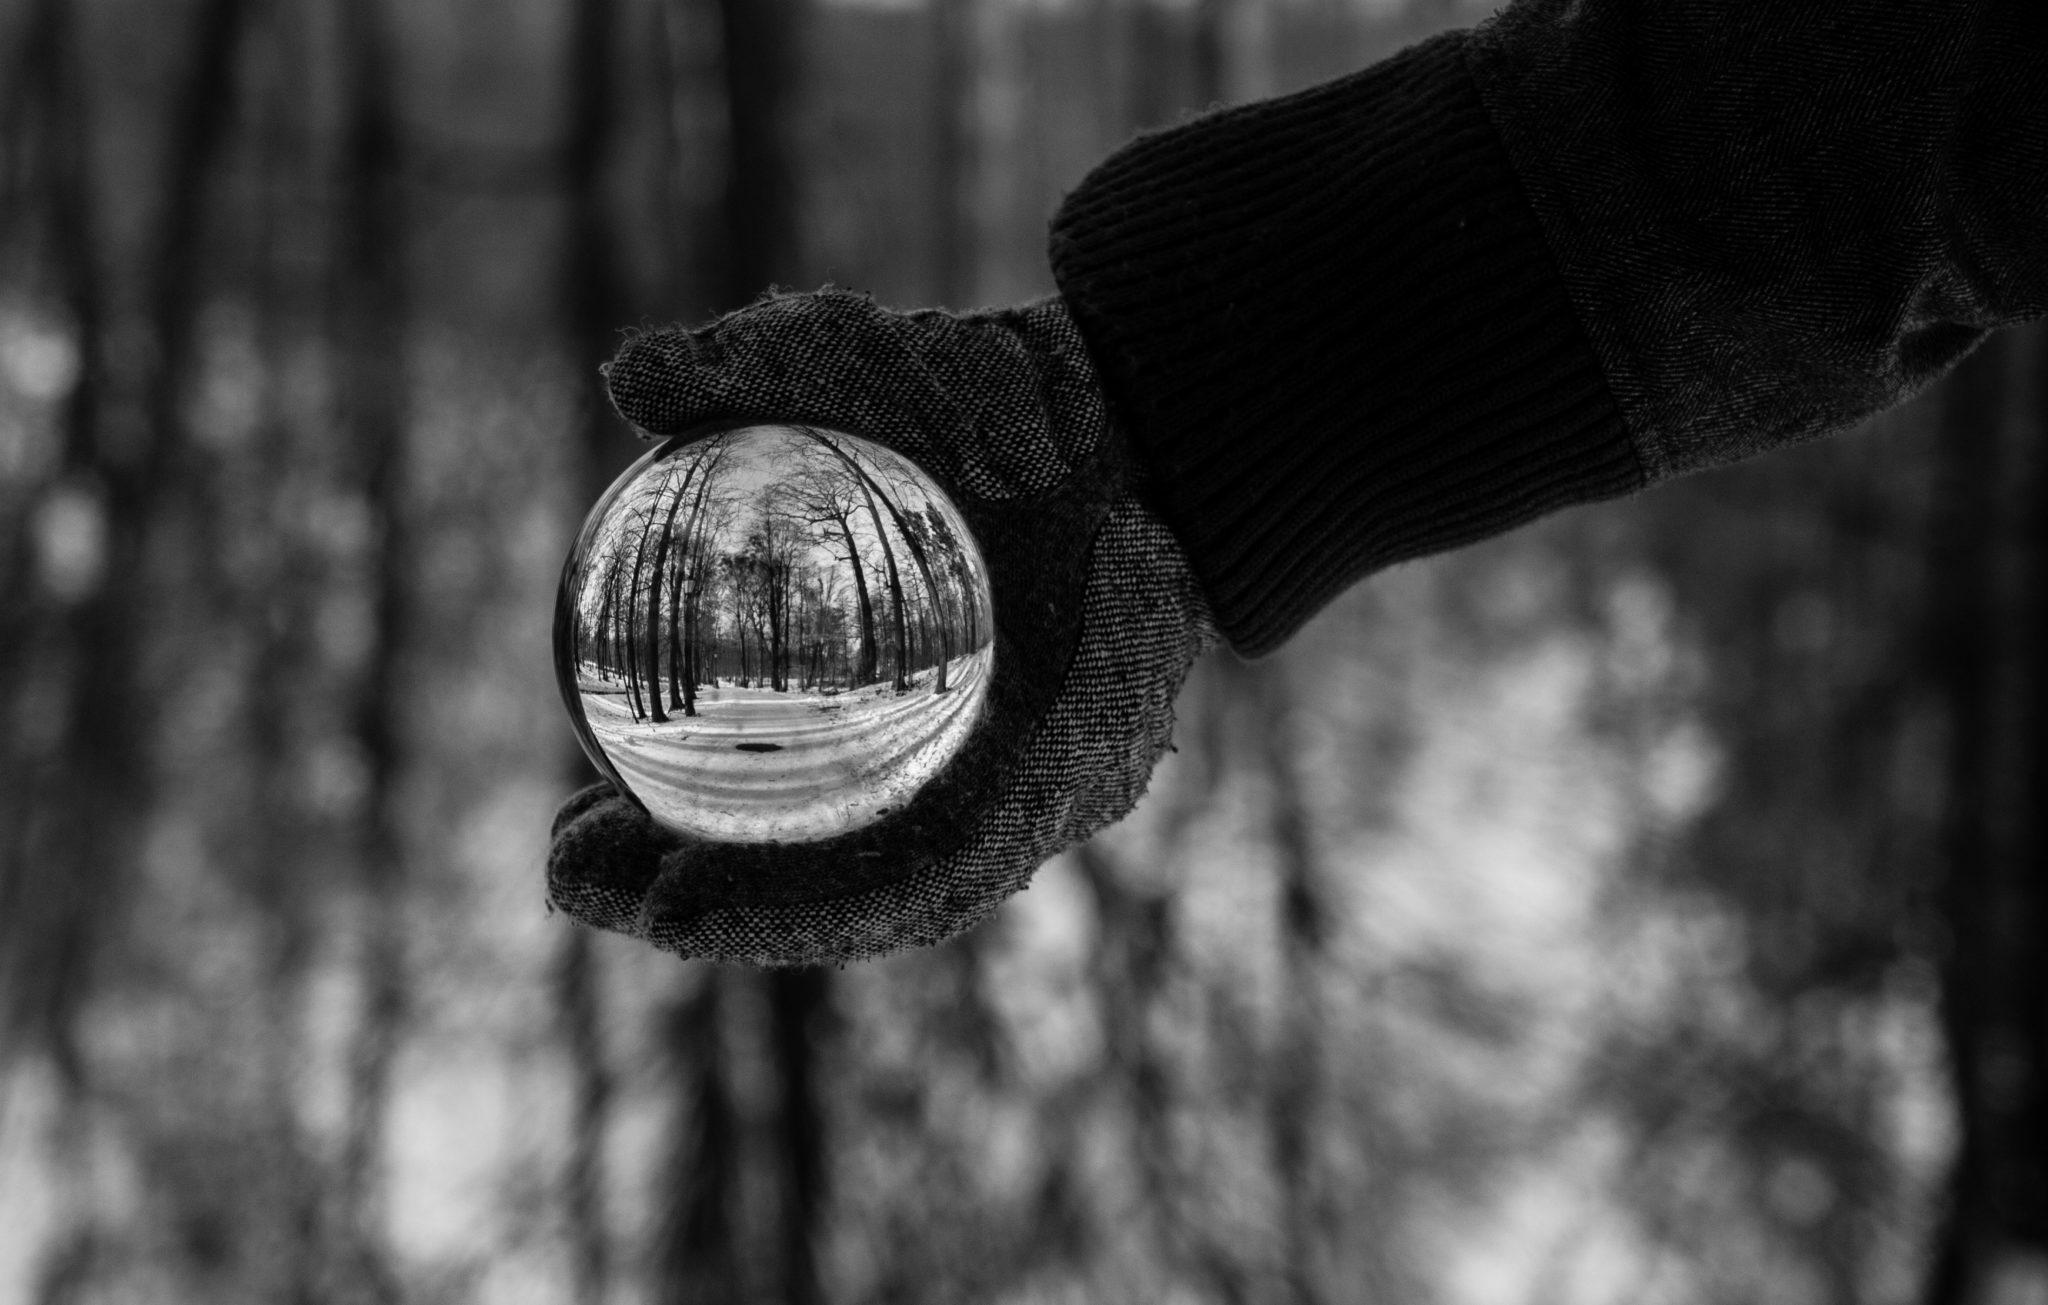 Krzyształowa kula trzymana w wyprostowanej ręce, a całe zdjęcie czarno-białe